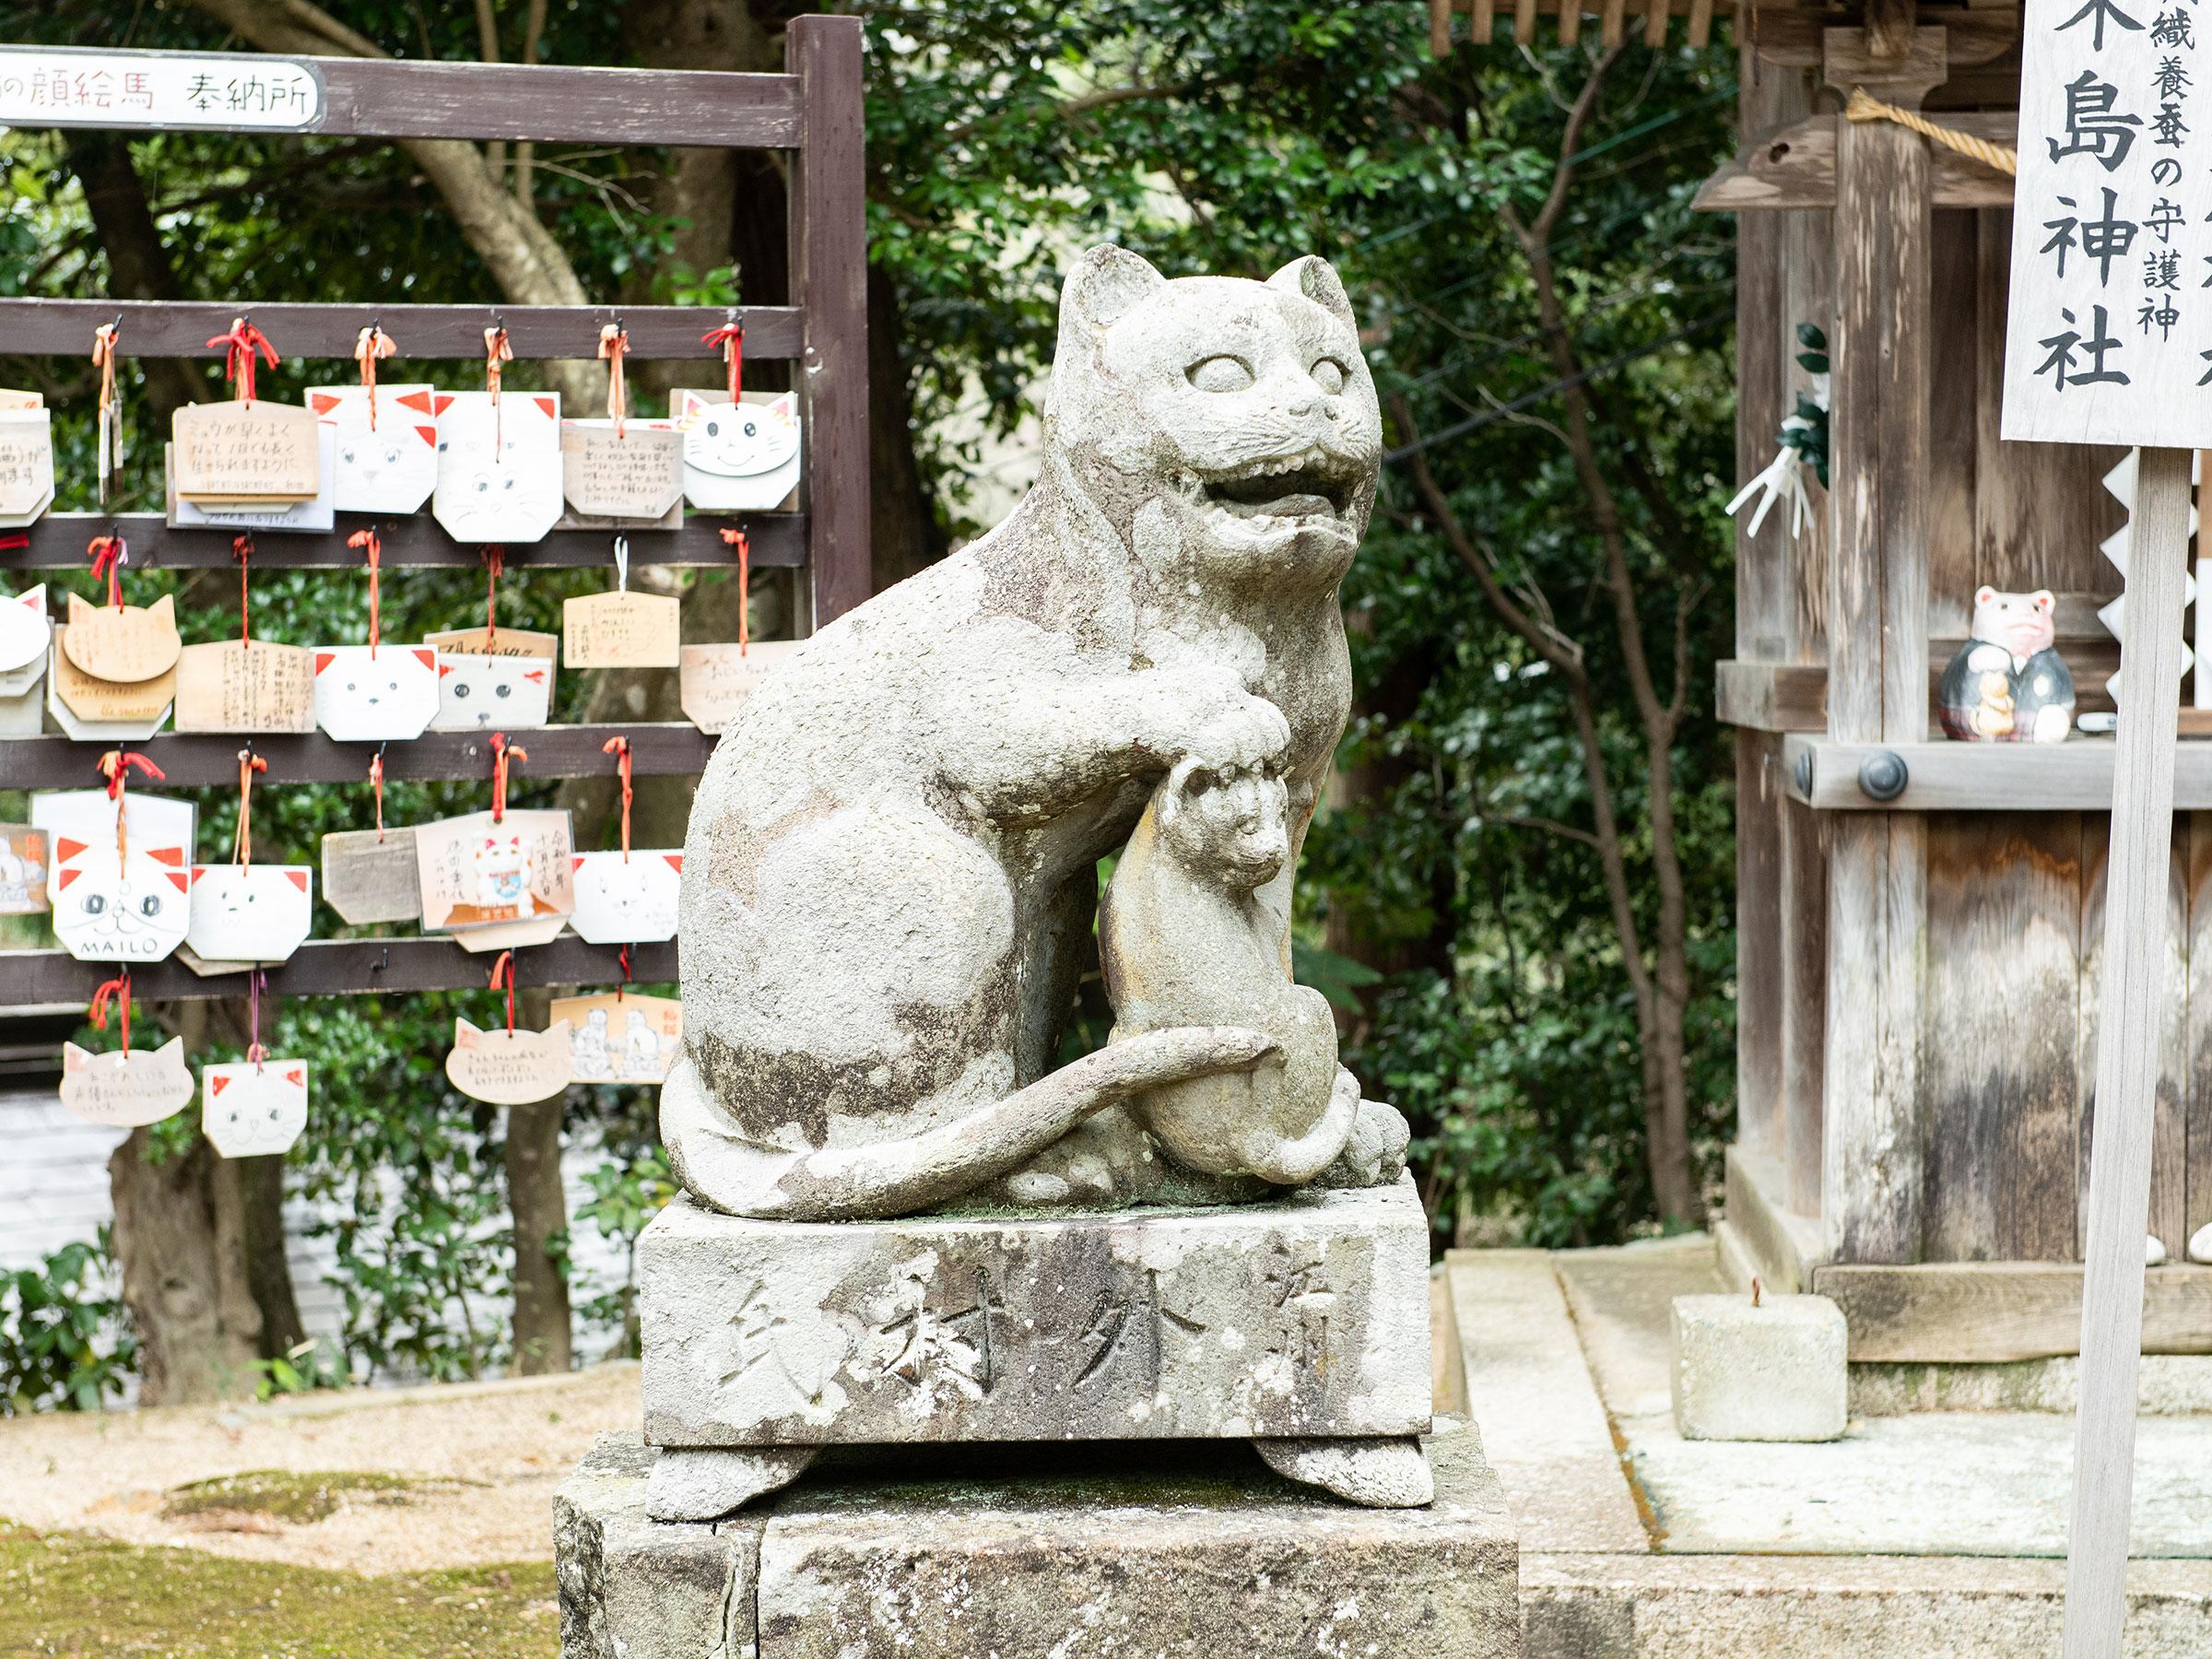 京都の魅力再発見! 金刀比羅篇 日本でもここだけの珍しい狛猫さん